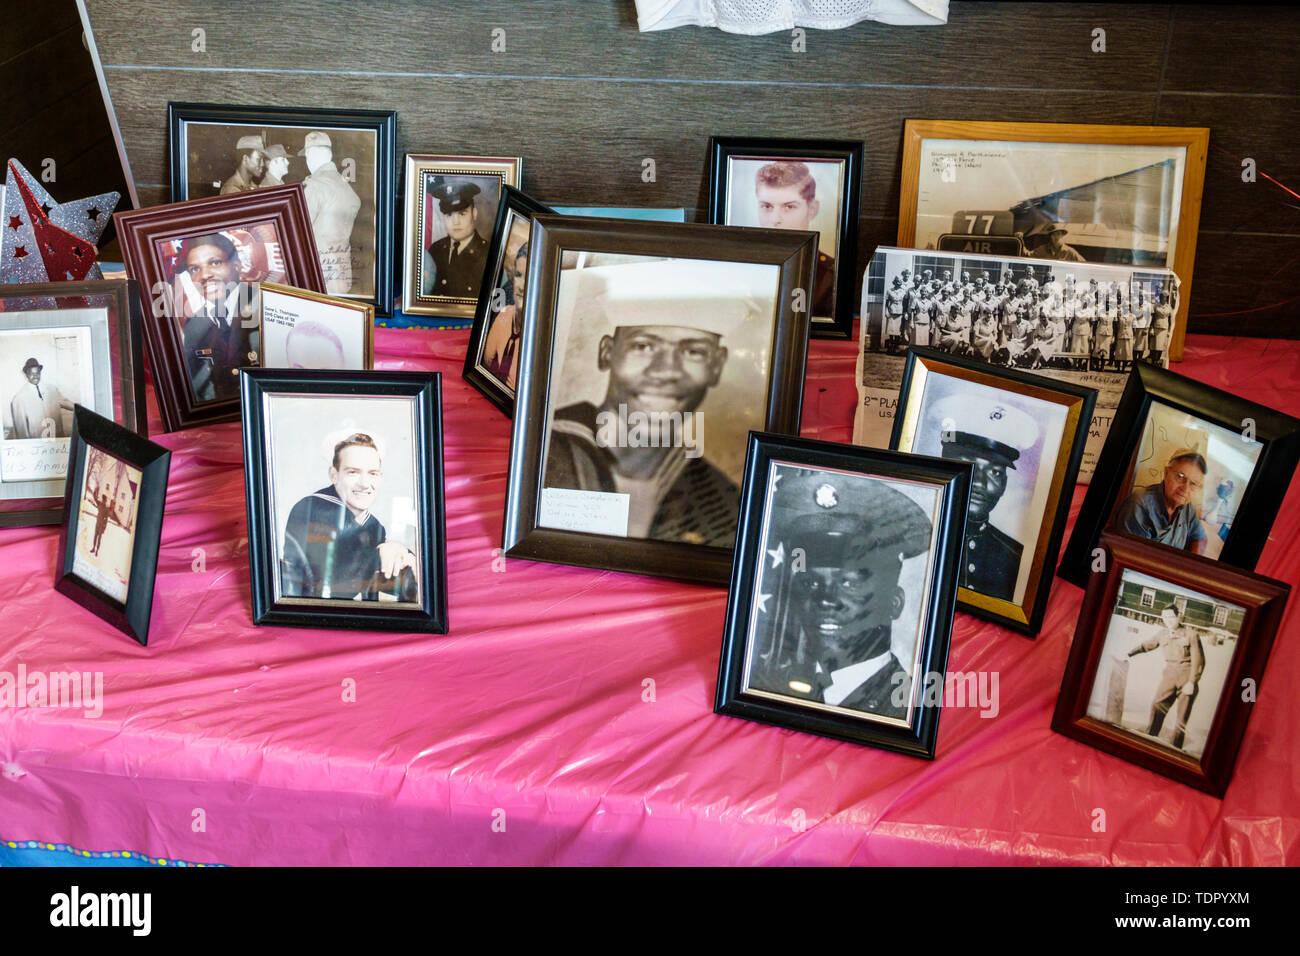 Arcadia Florida restaurant McDonald's photographies militaires anciens combattants reconnaissance de service militaire de portraits de soldats noirs d'affichage communautaire Photo Stock